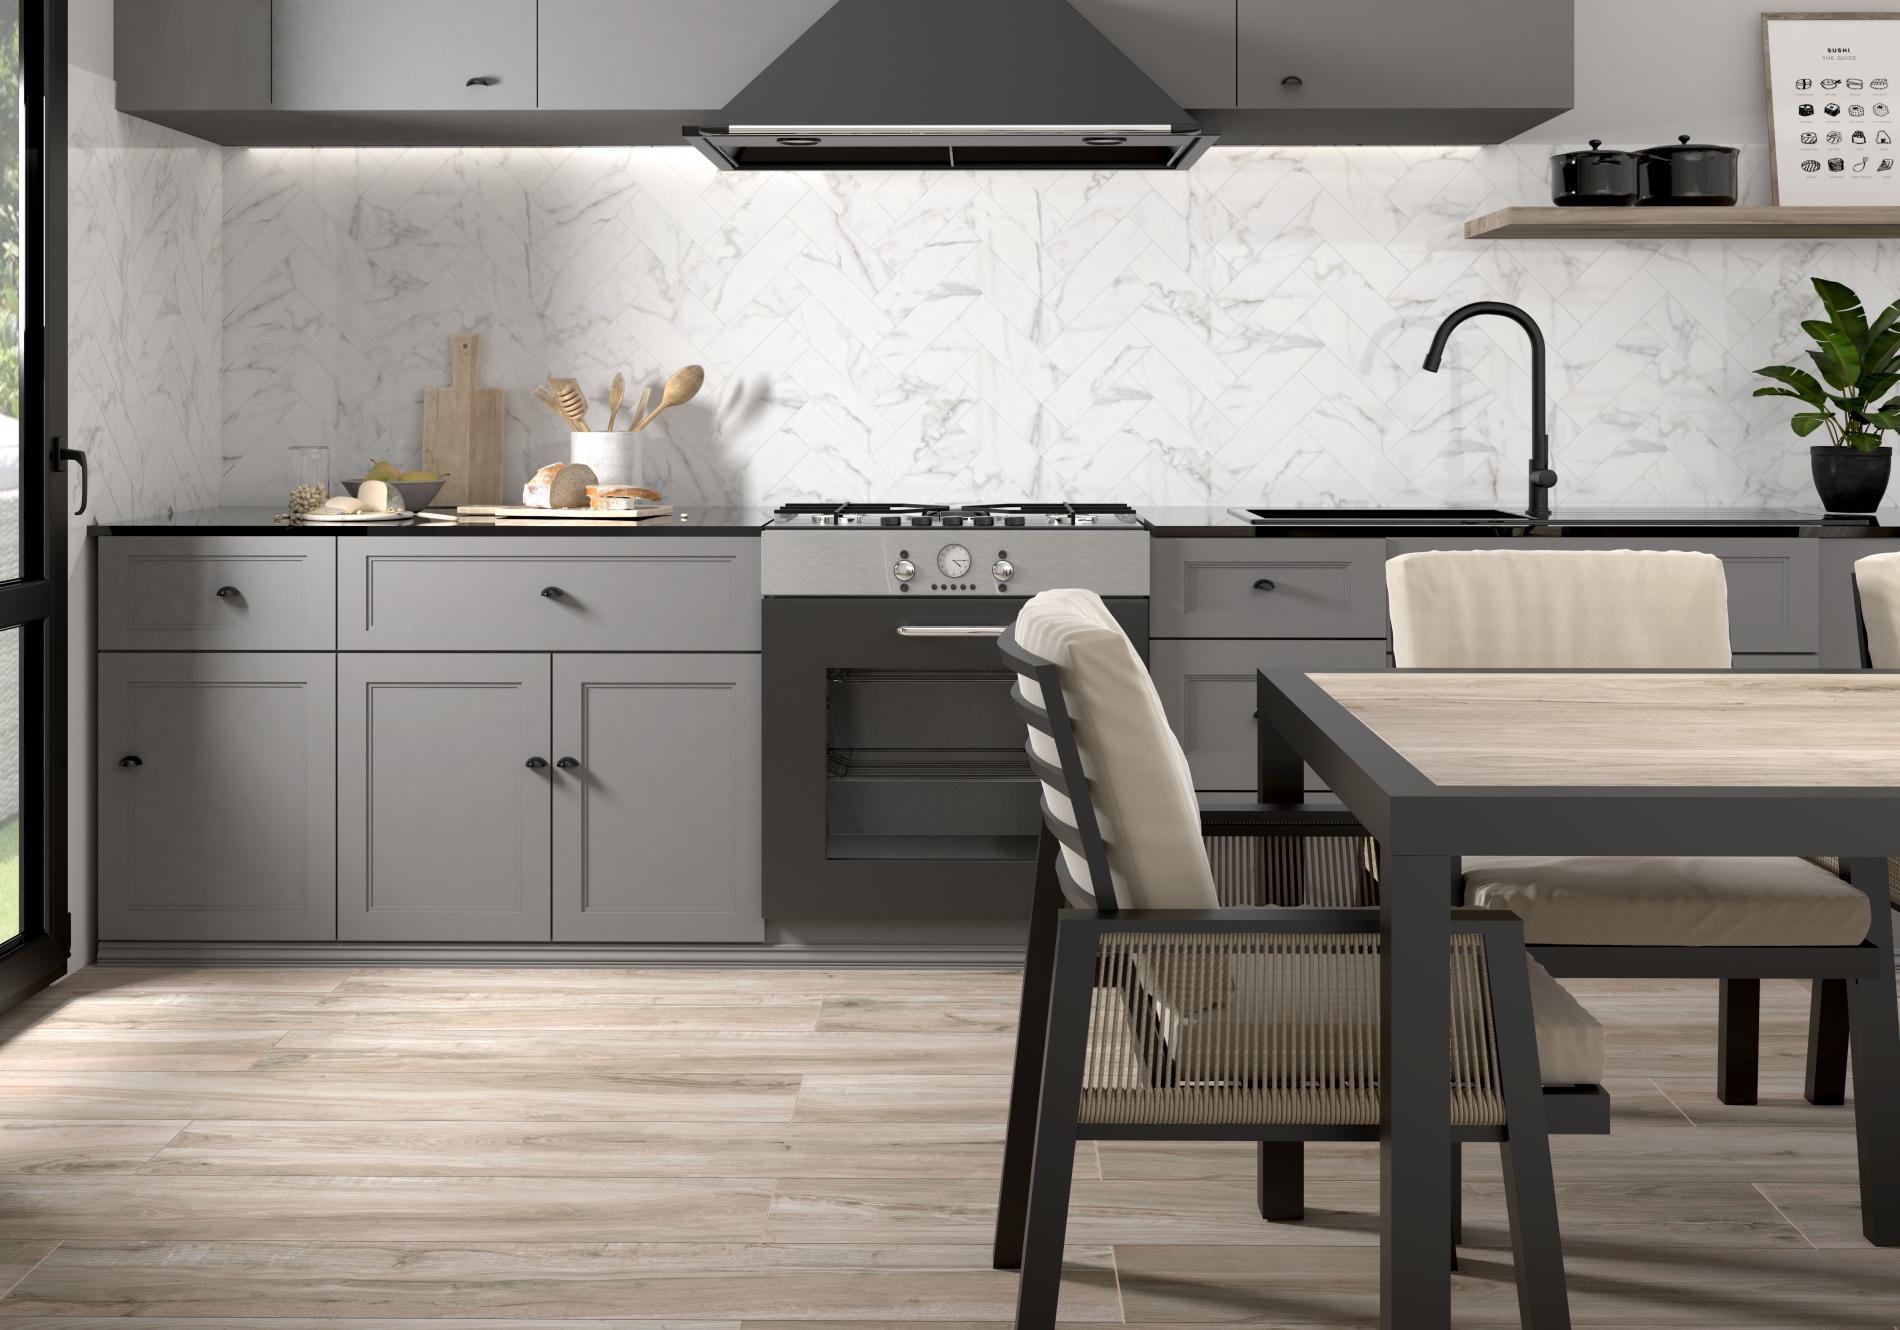 Kuchnia z szarymi szafkami stojącymi i wiszącymi, okapem, czarną baterią kuchenną, stołem i trzema krzesłami, oraz płytkami podłogowymi drewnopodobnymi